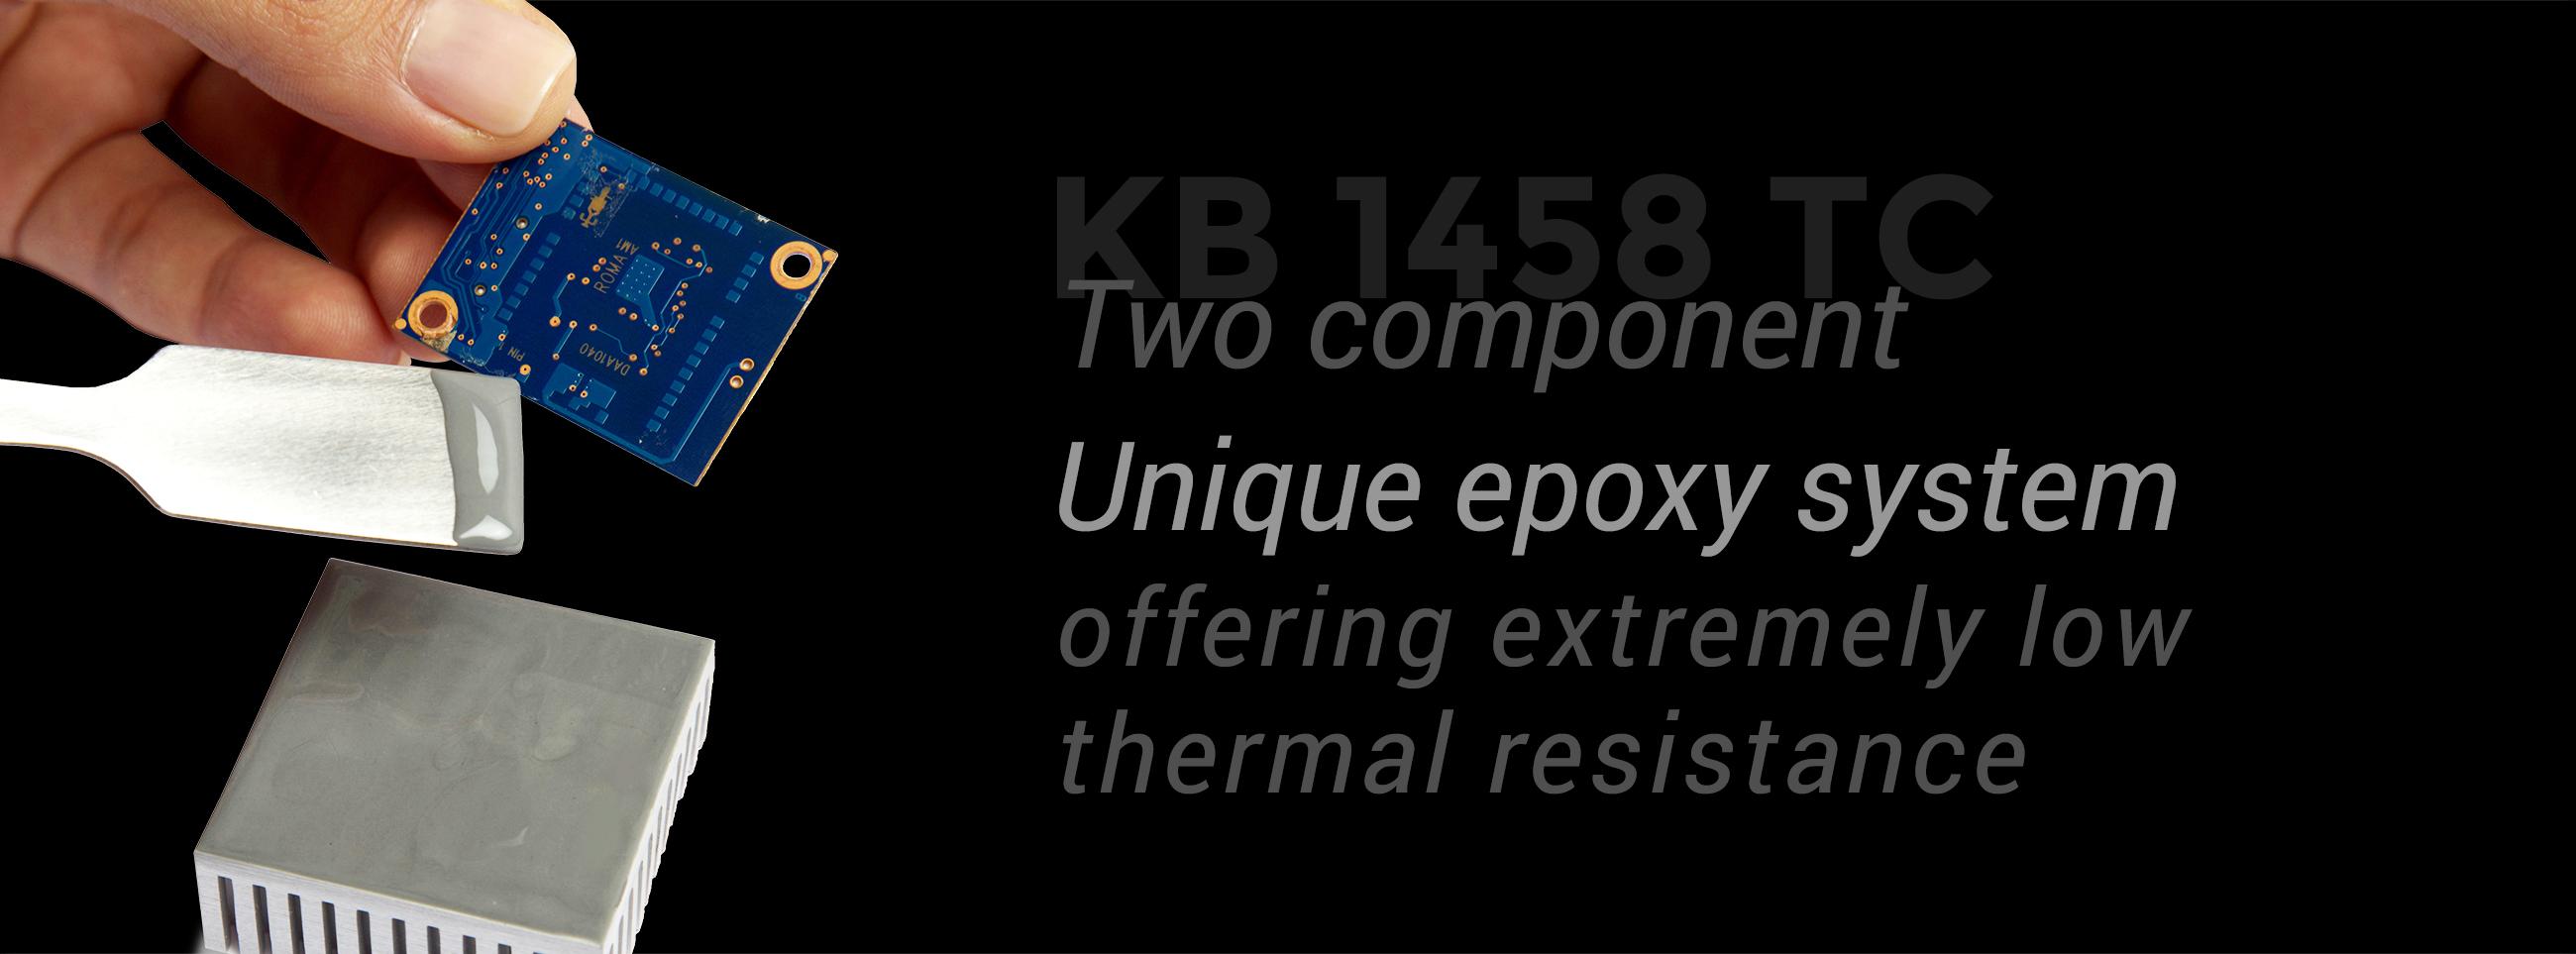 KB 1458 TC